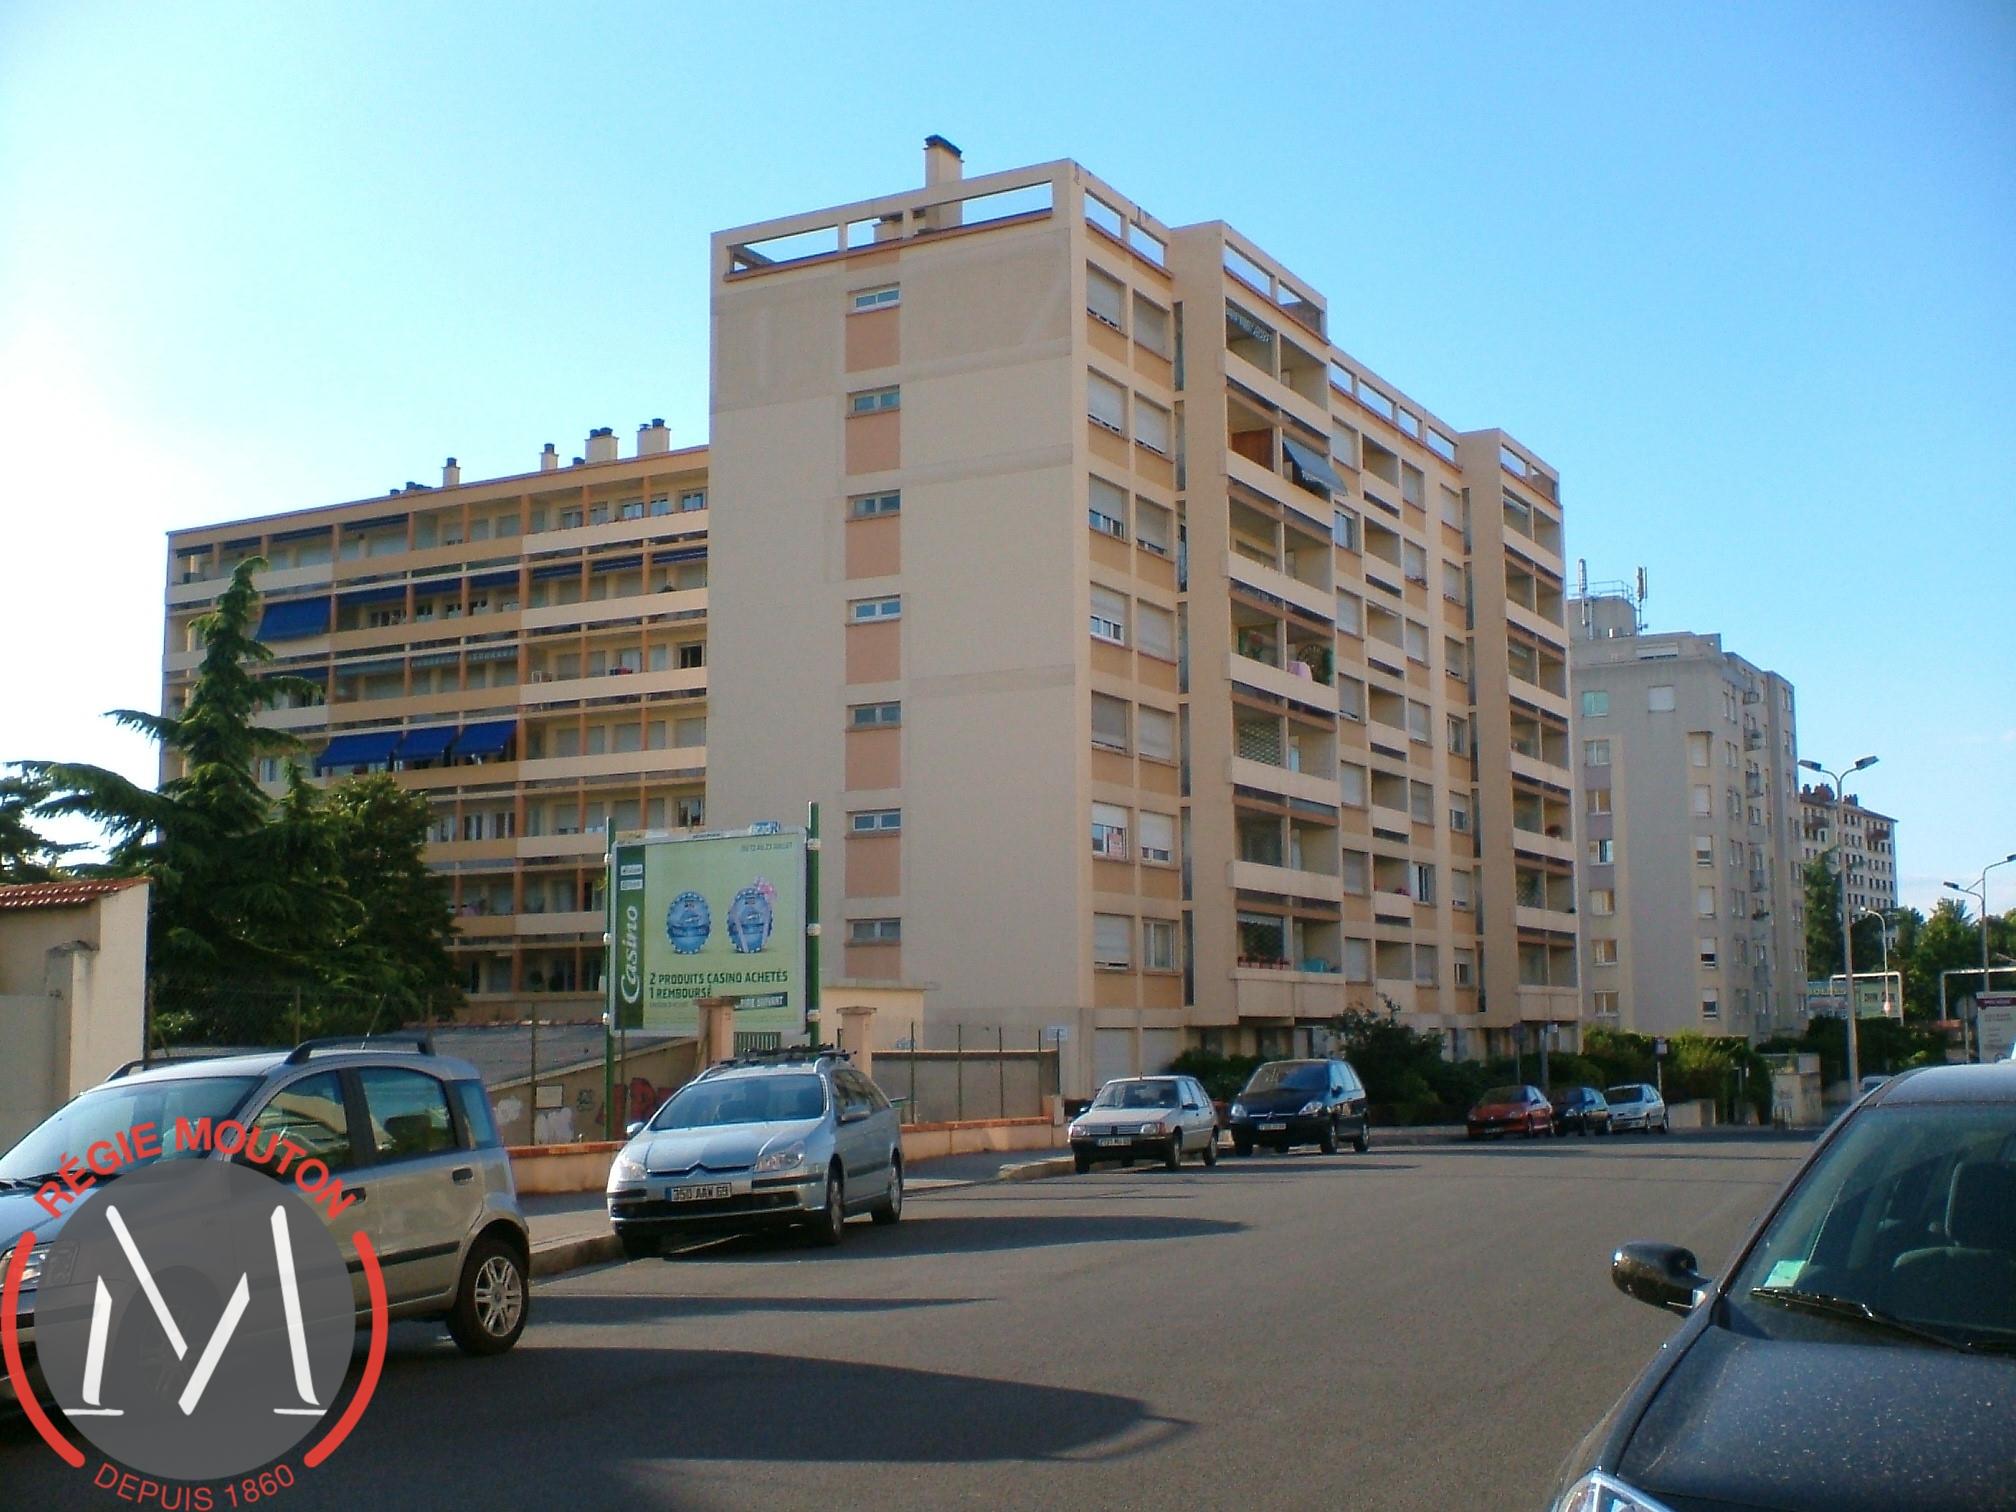 Photo n° 1 de l'annonce Garage à louer - LYON 4EME : Ref 0065950130